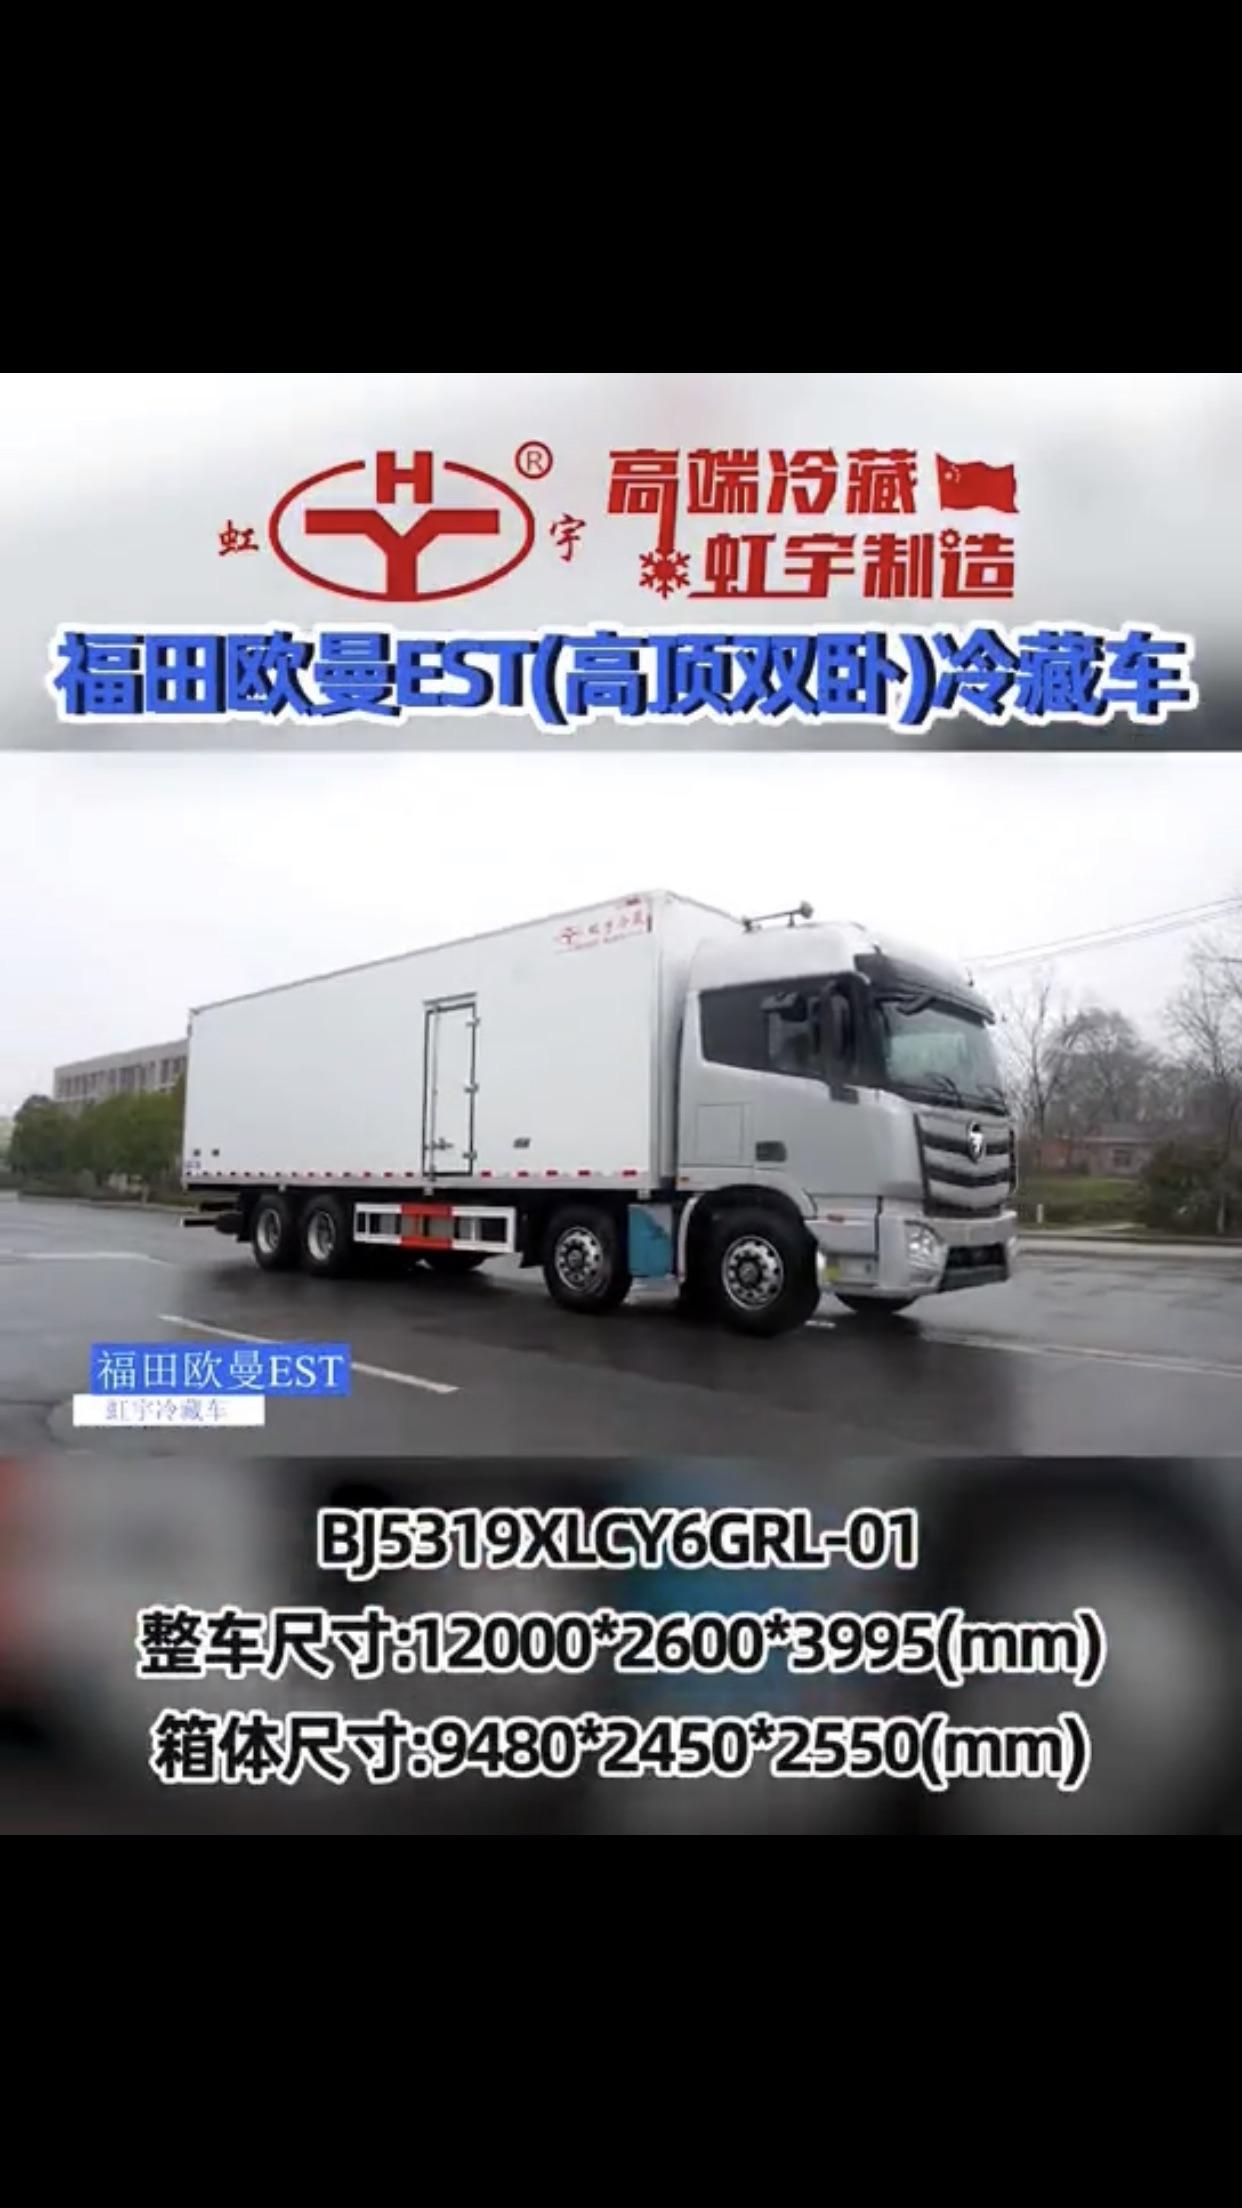 福田歐曼EST(高頂雙臥)冷藏車(國六)廠家直銷圖片